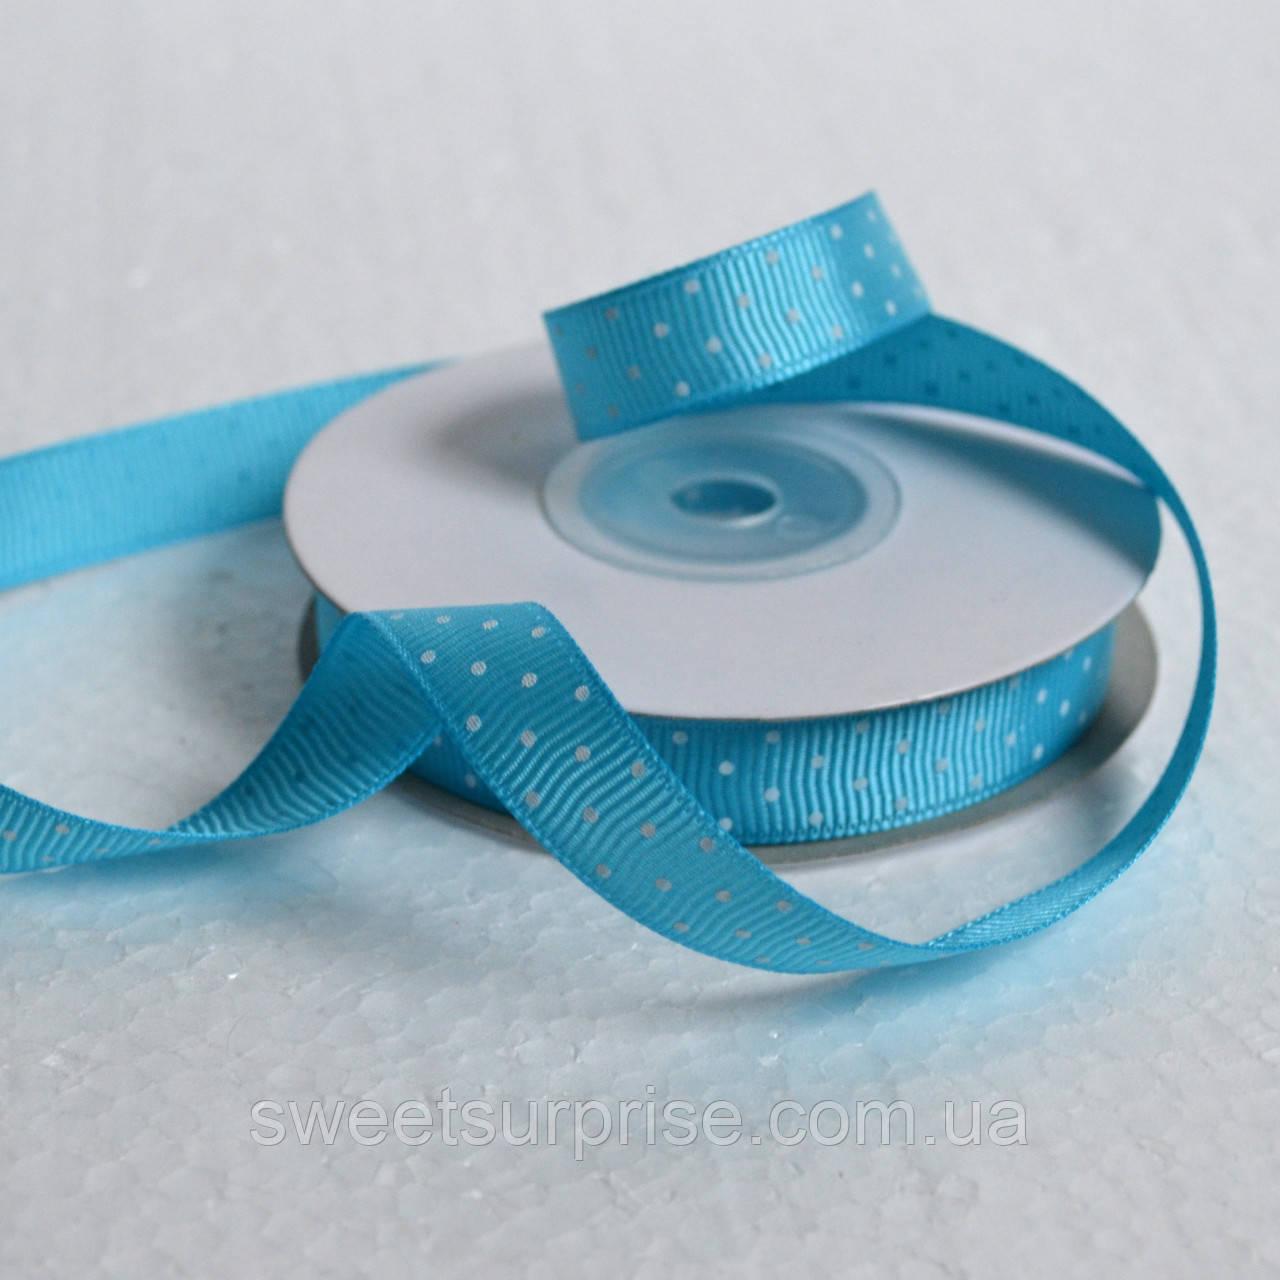 Лента репсовая в горох 12 мм (голубой)